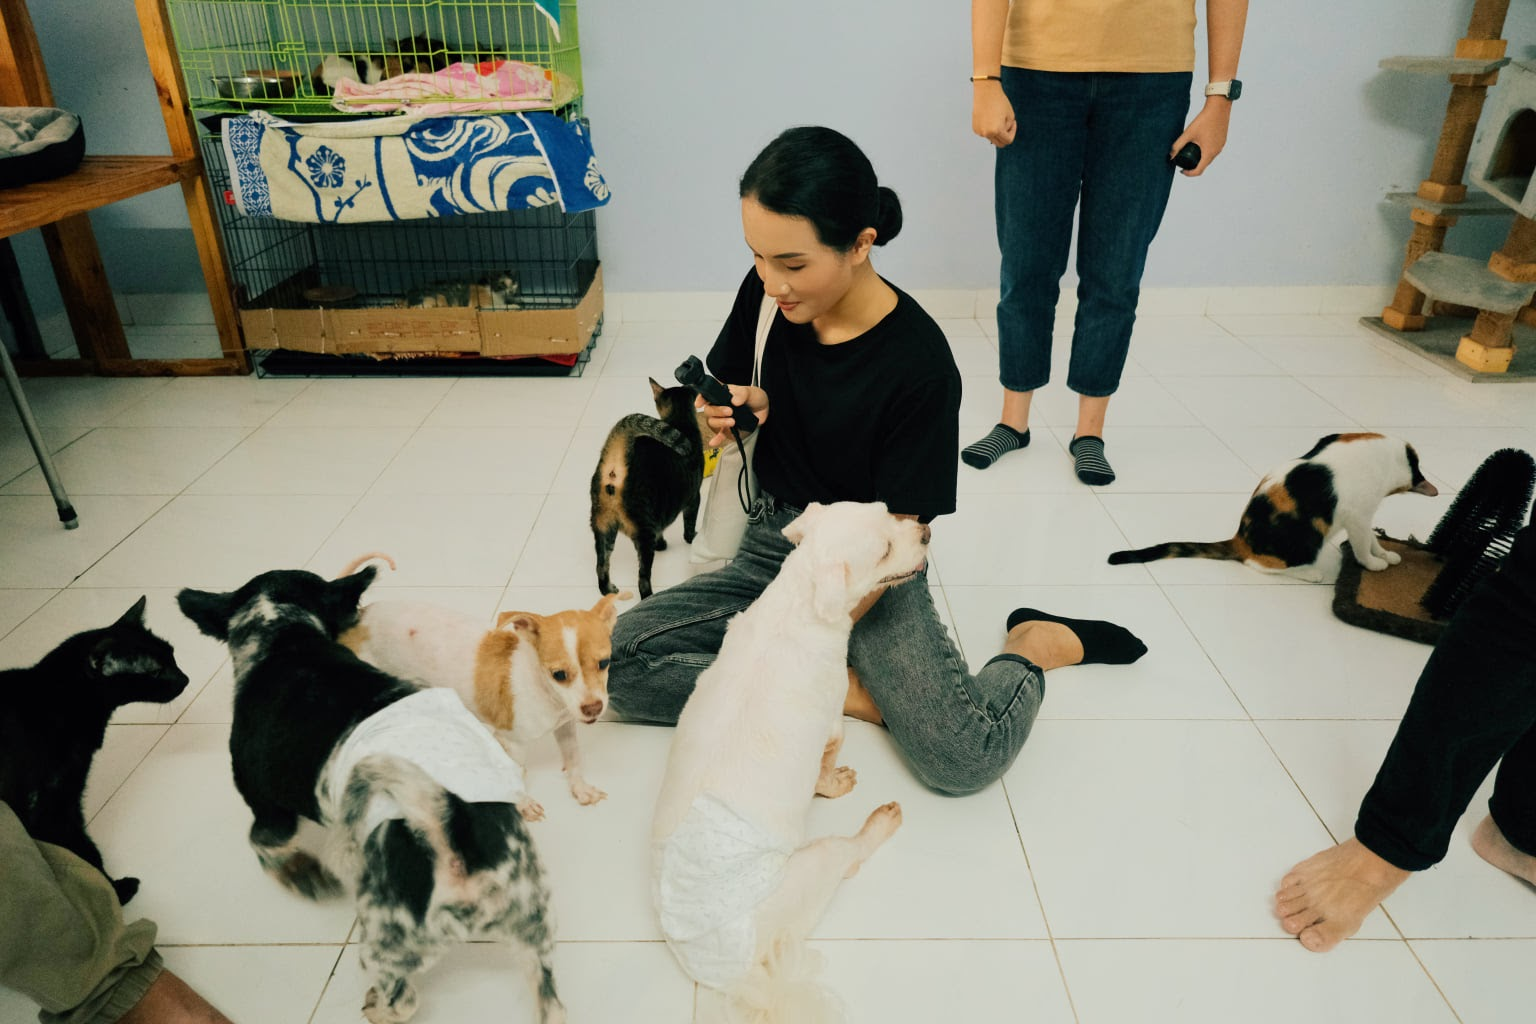 Giang Ơi lên tiếng vụ chó pittbull cắn chết người: Thật dễ dàng để kết tội một con chó mà không xem nó đã phải sống trong cảnh như thế nào - Hình 2